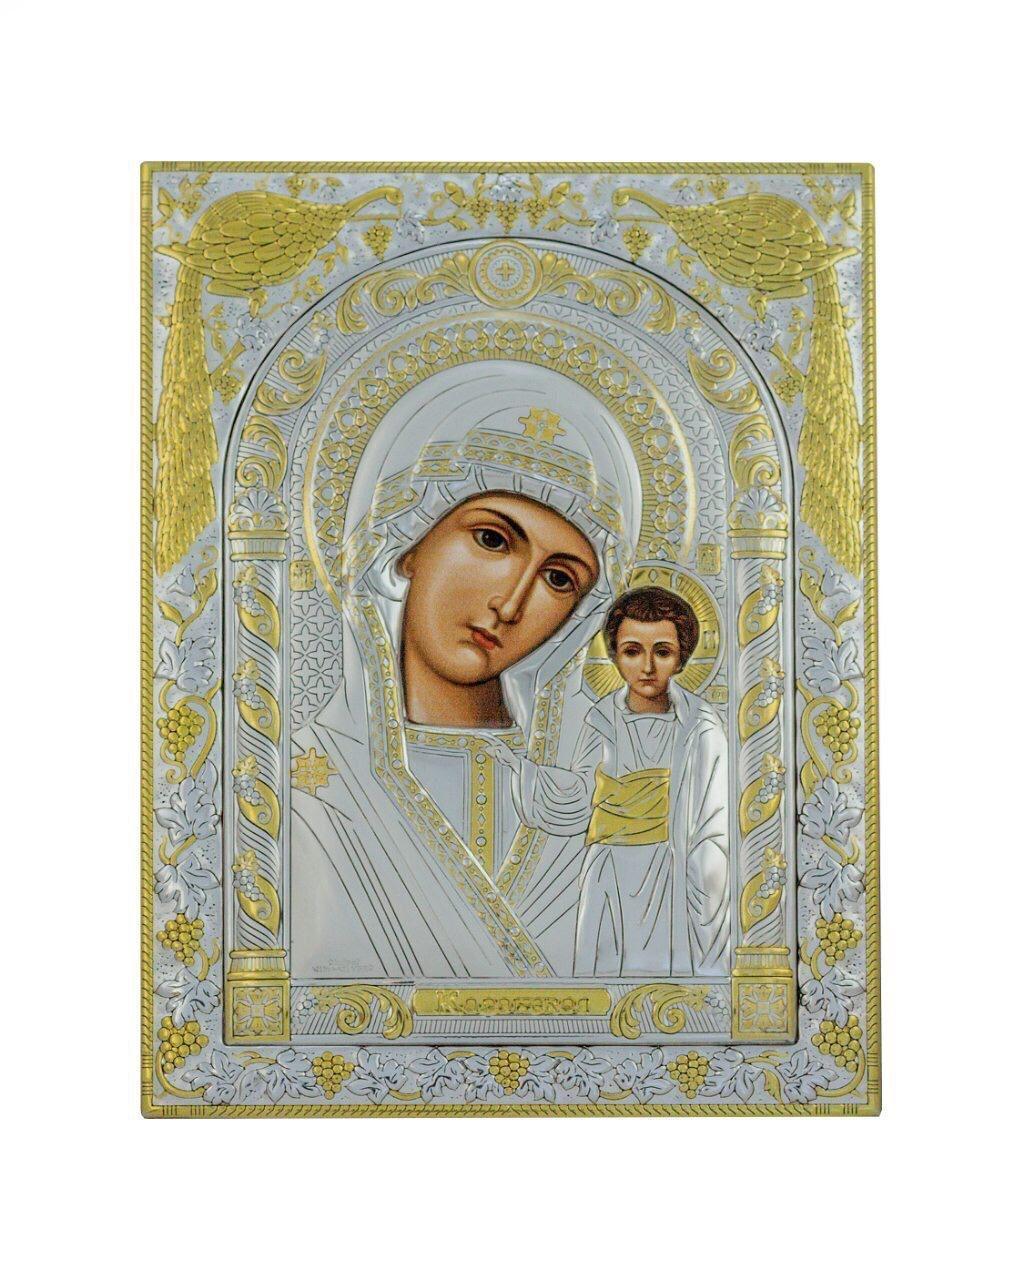 Икона серебряная Божией Матери Казанская 175 мм х 225 мм